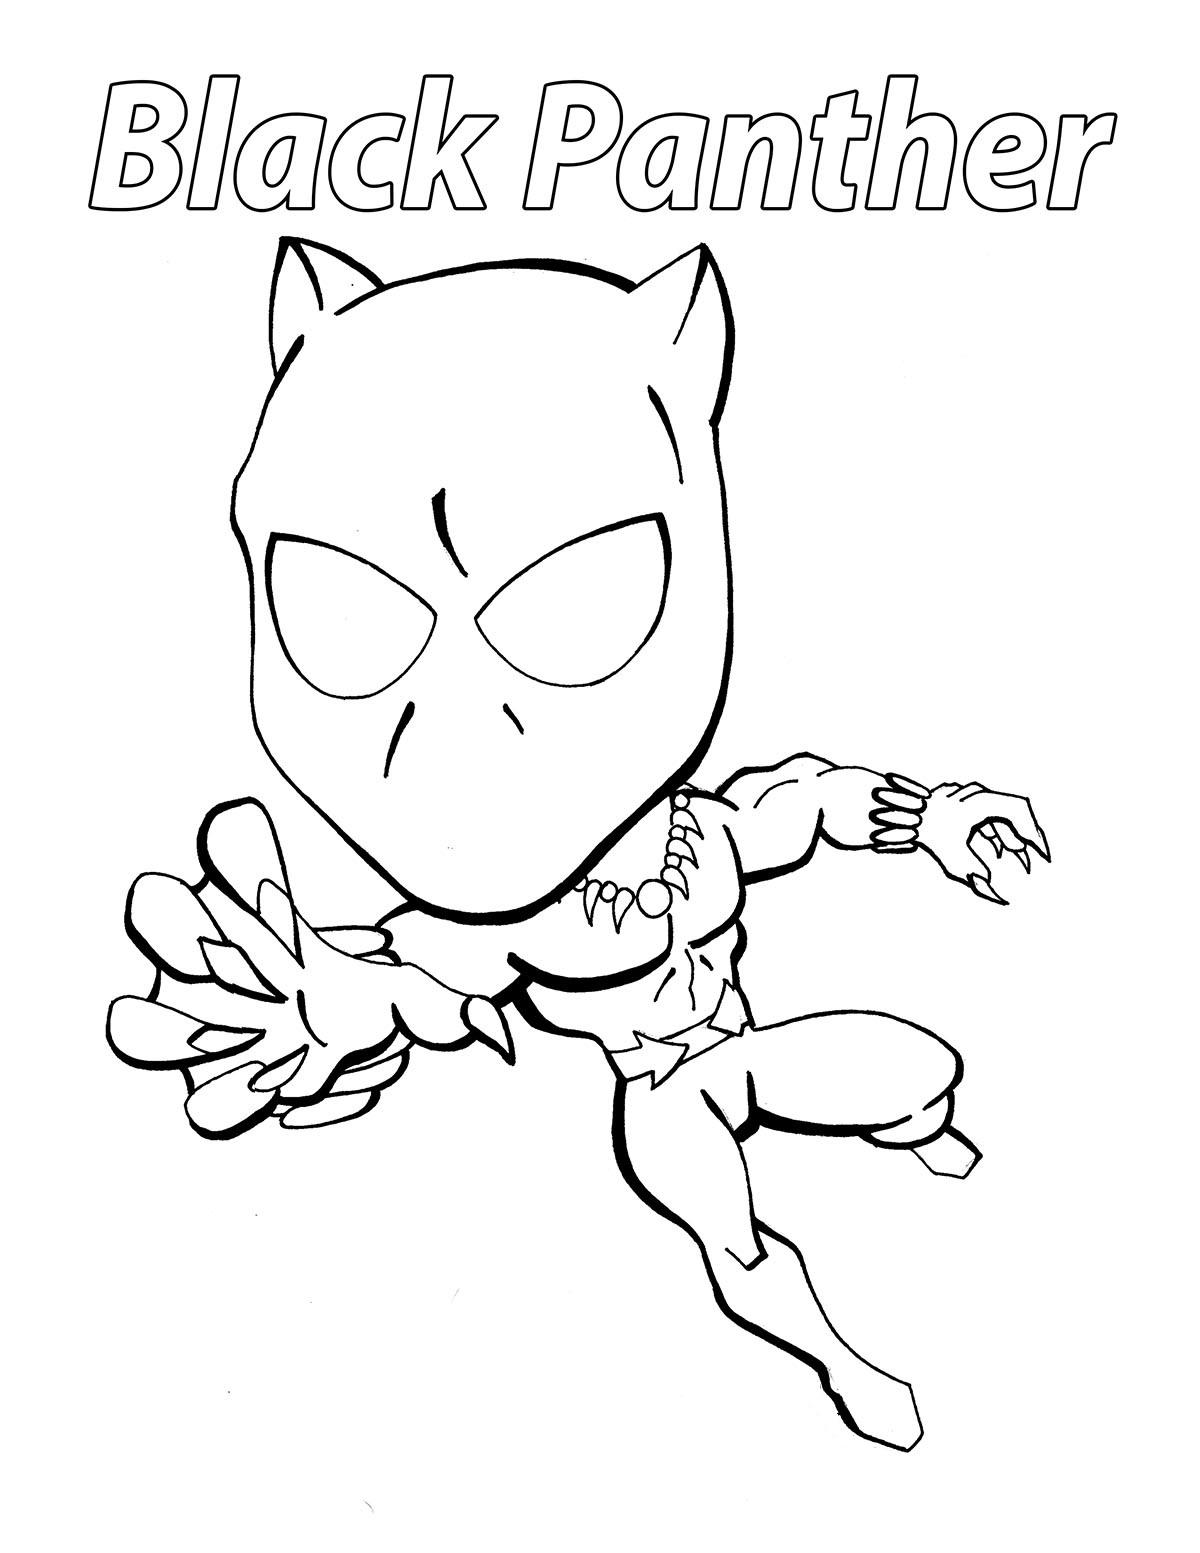 Chibi Black Panther Coloring Page - Free Printable ...